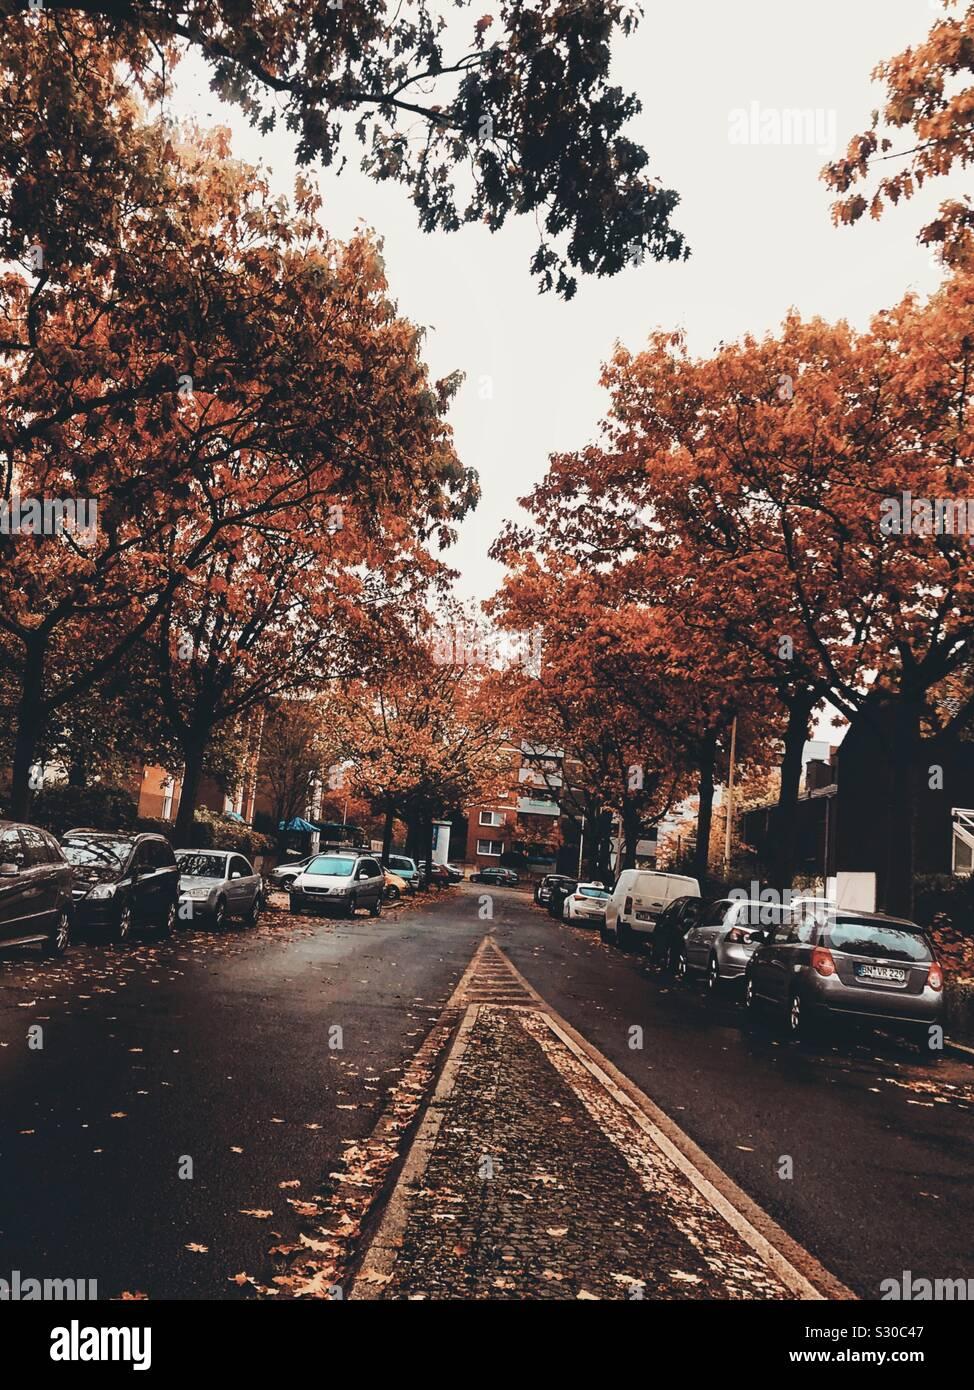 Rues en automne Banque D'Images